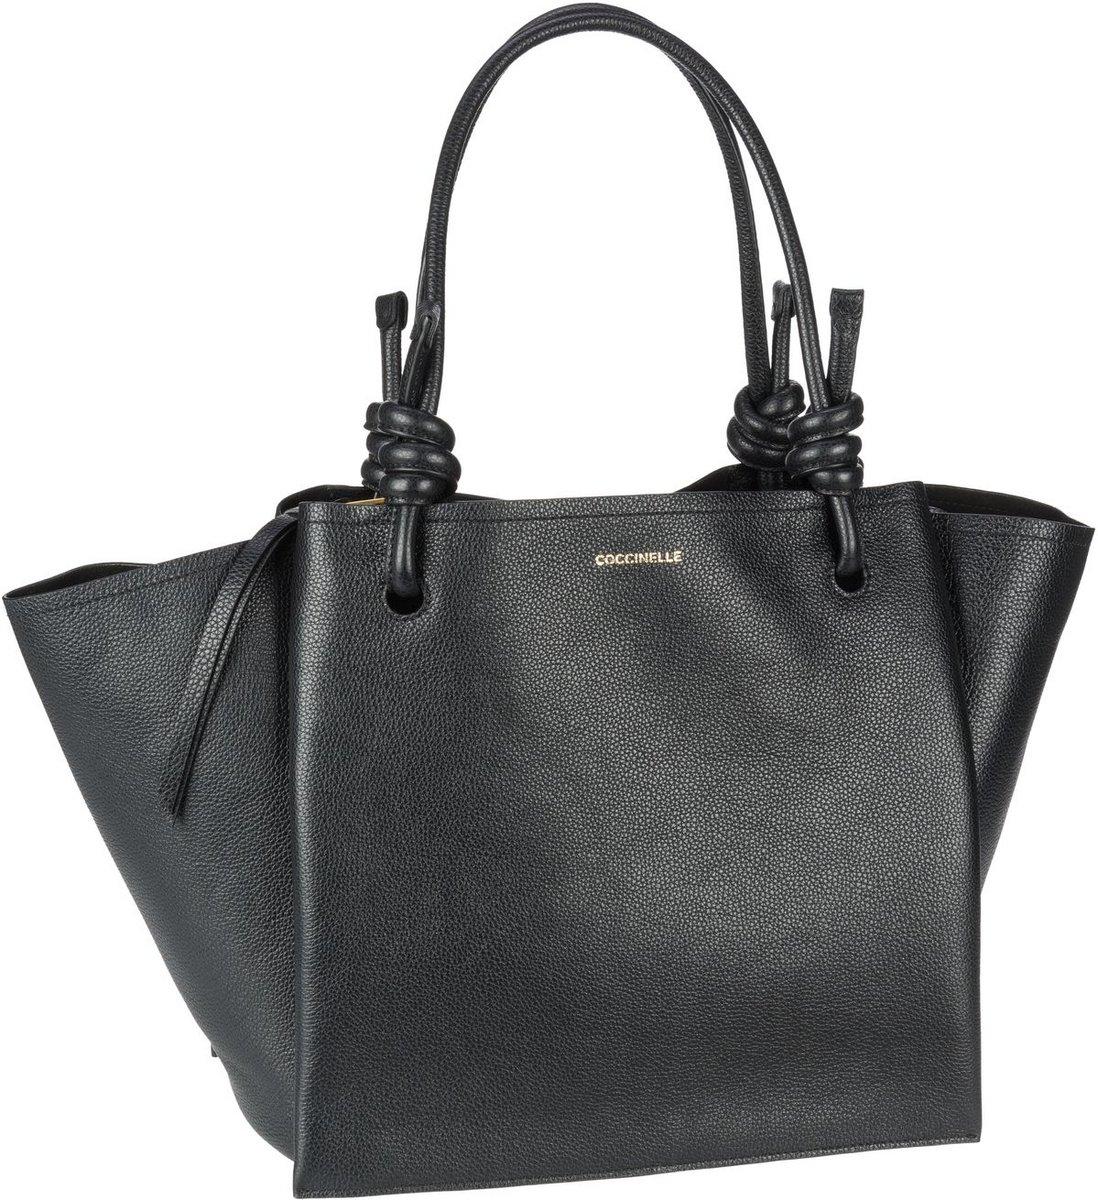 coccinelle -  Handtasche Allure 1801 Nero